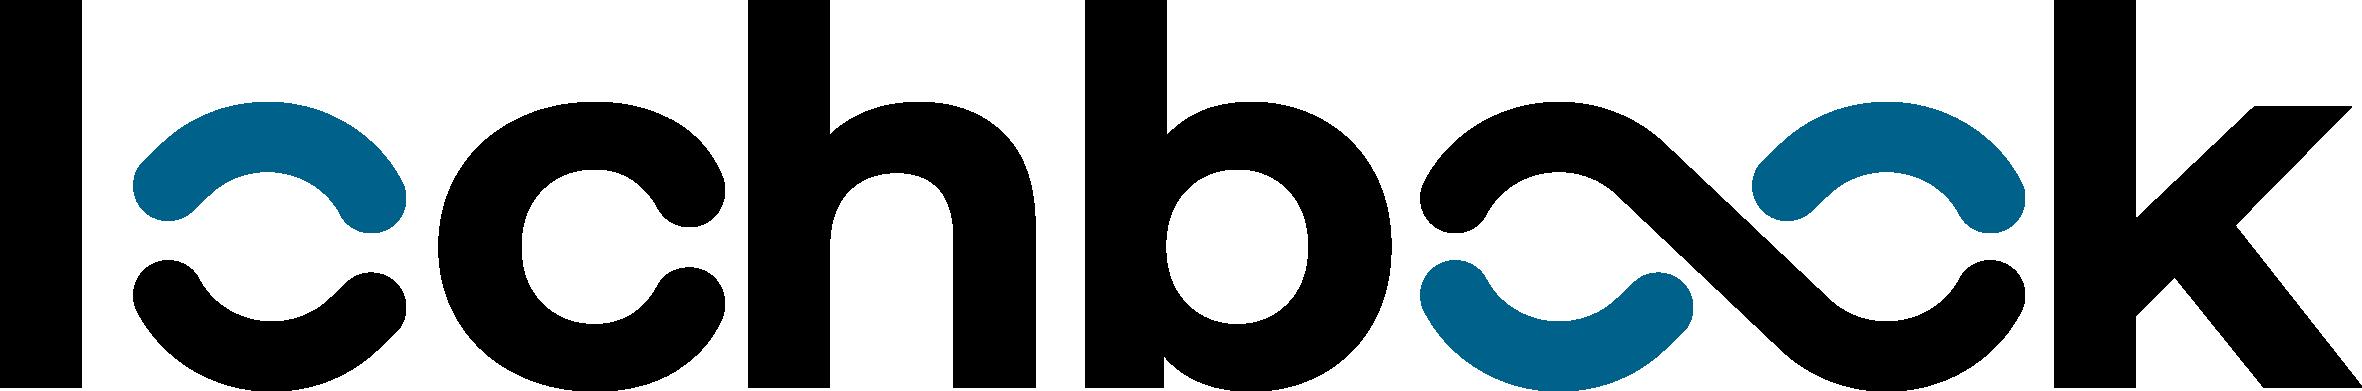 Lochbook logo